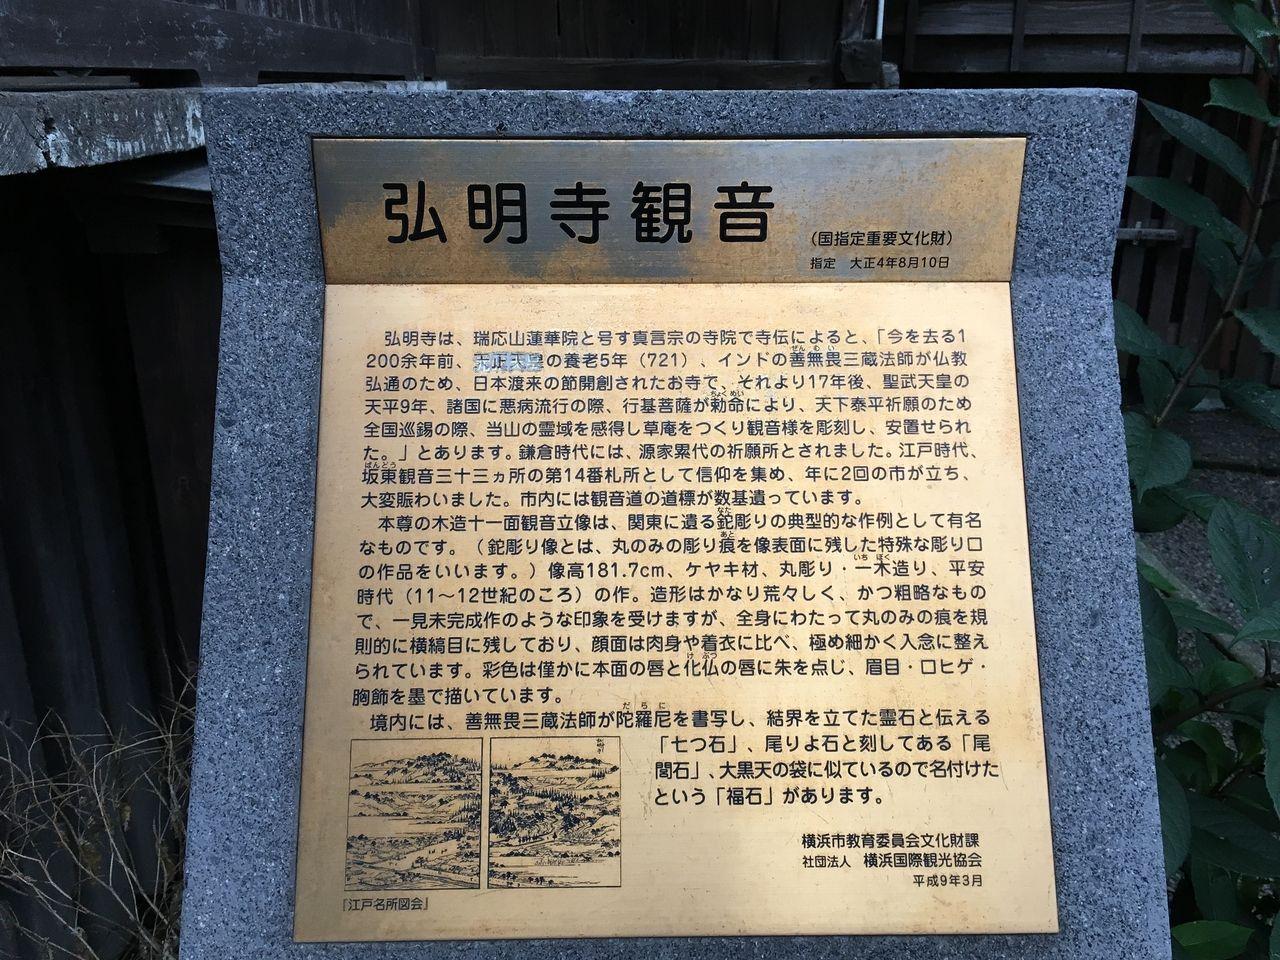 横浜市教育委員会文化財課による説明板